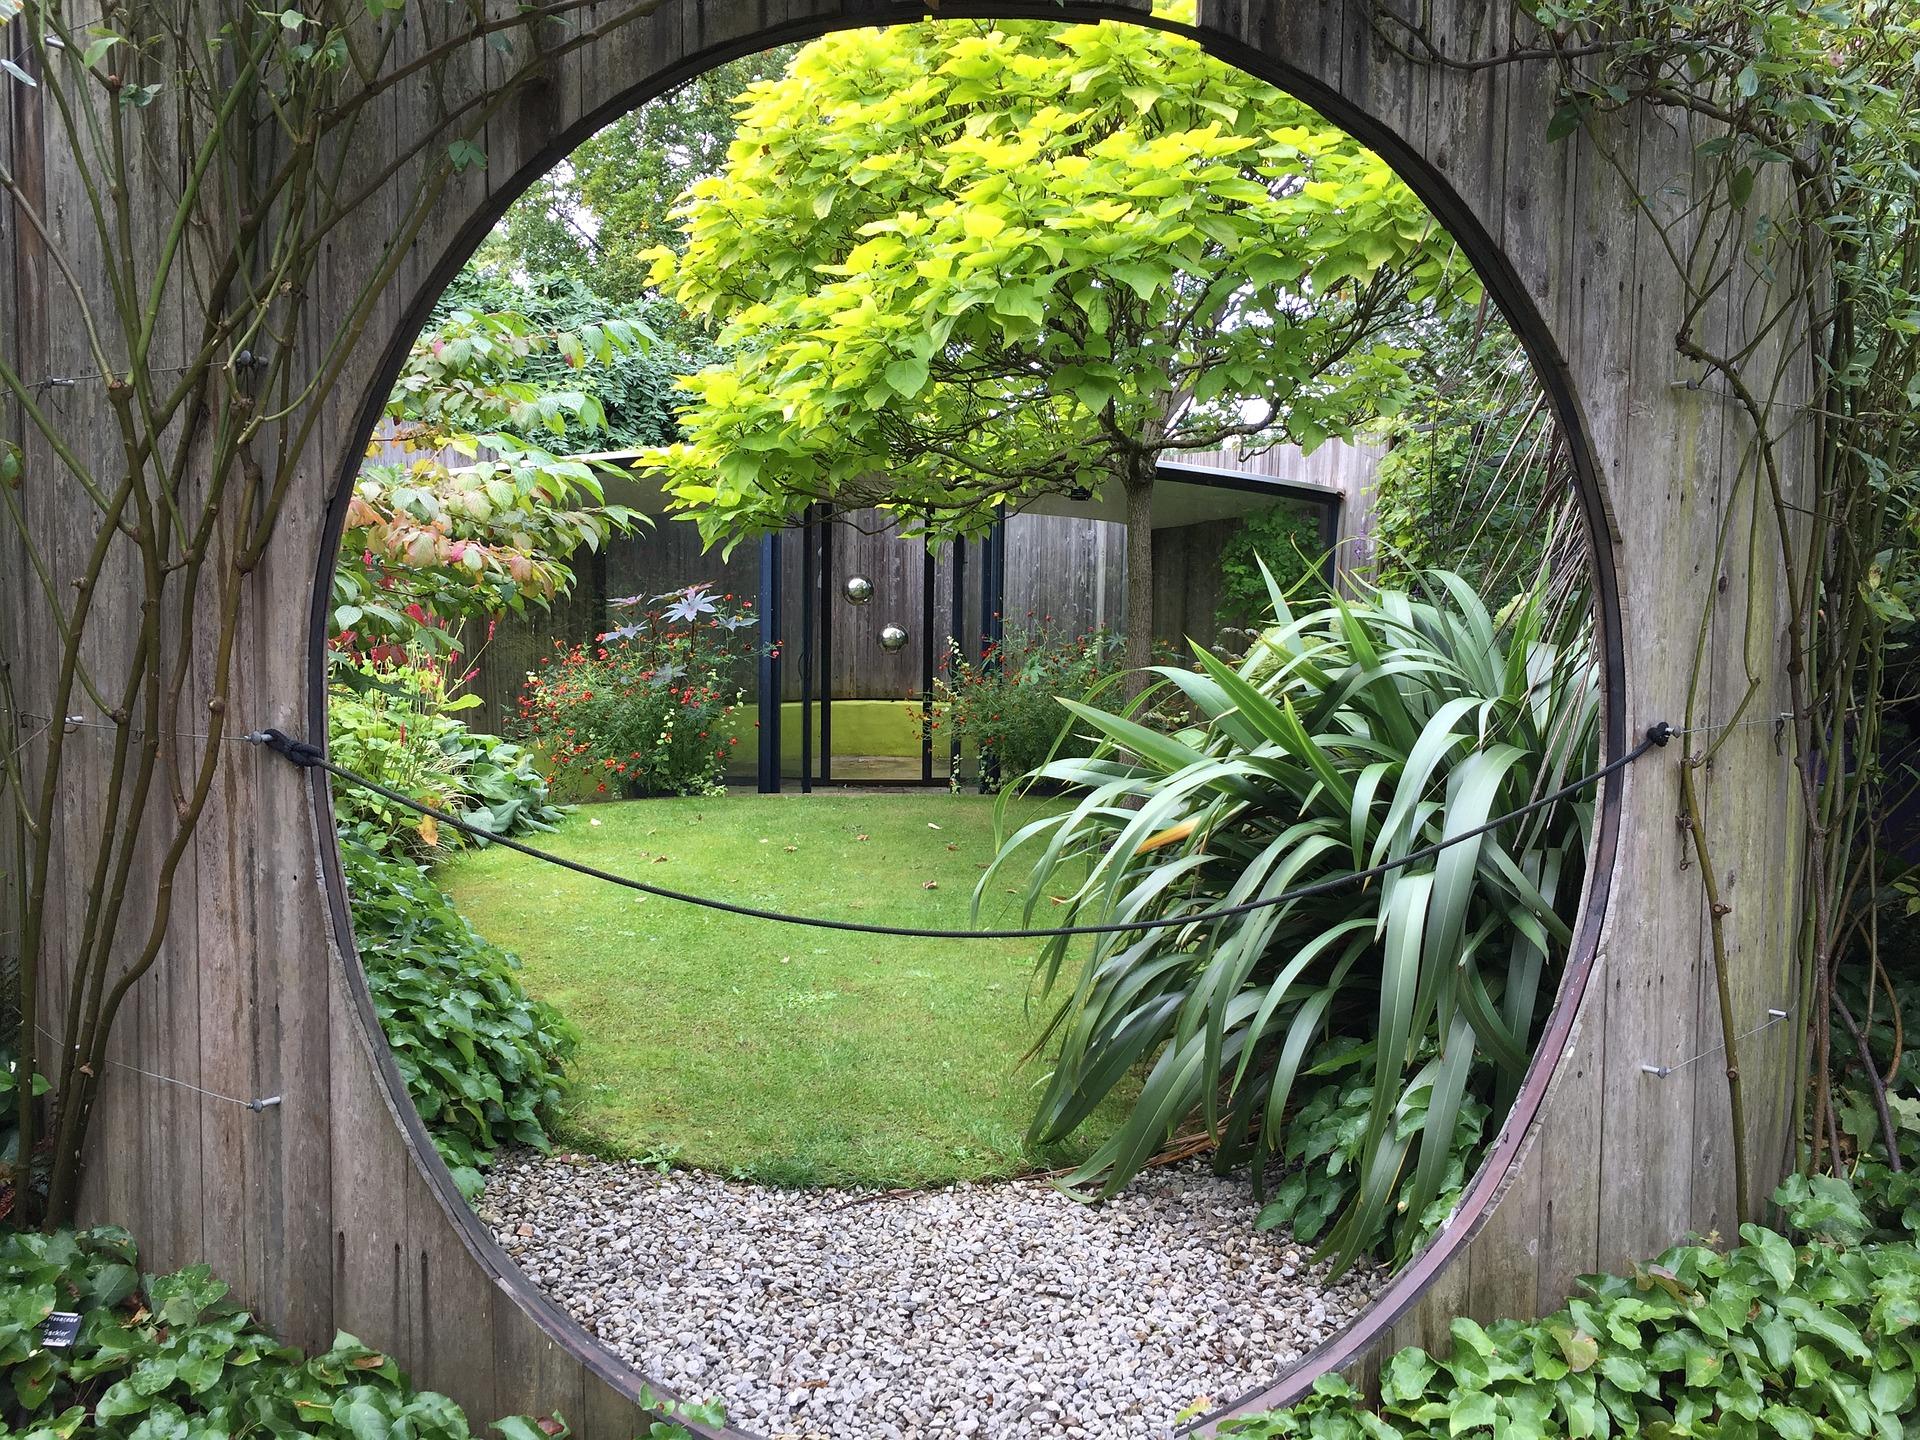 Les Conseils Pour Aménager Facilement Un Petit Jardin tout Aménagement De Petit Jardin